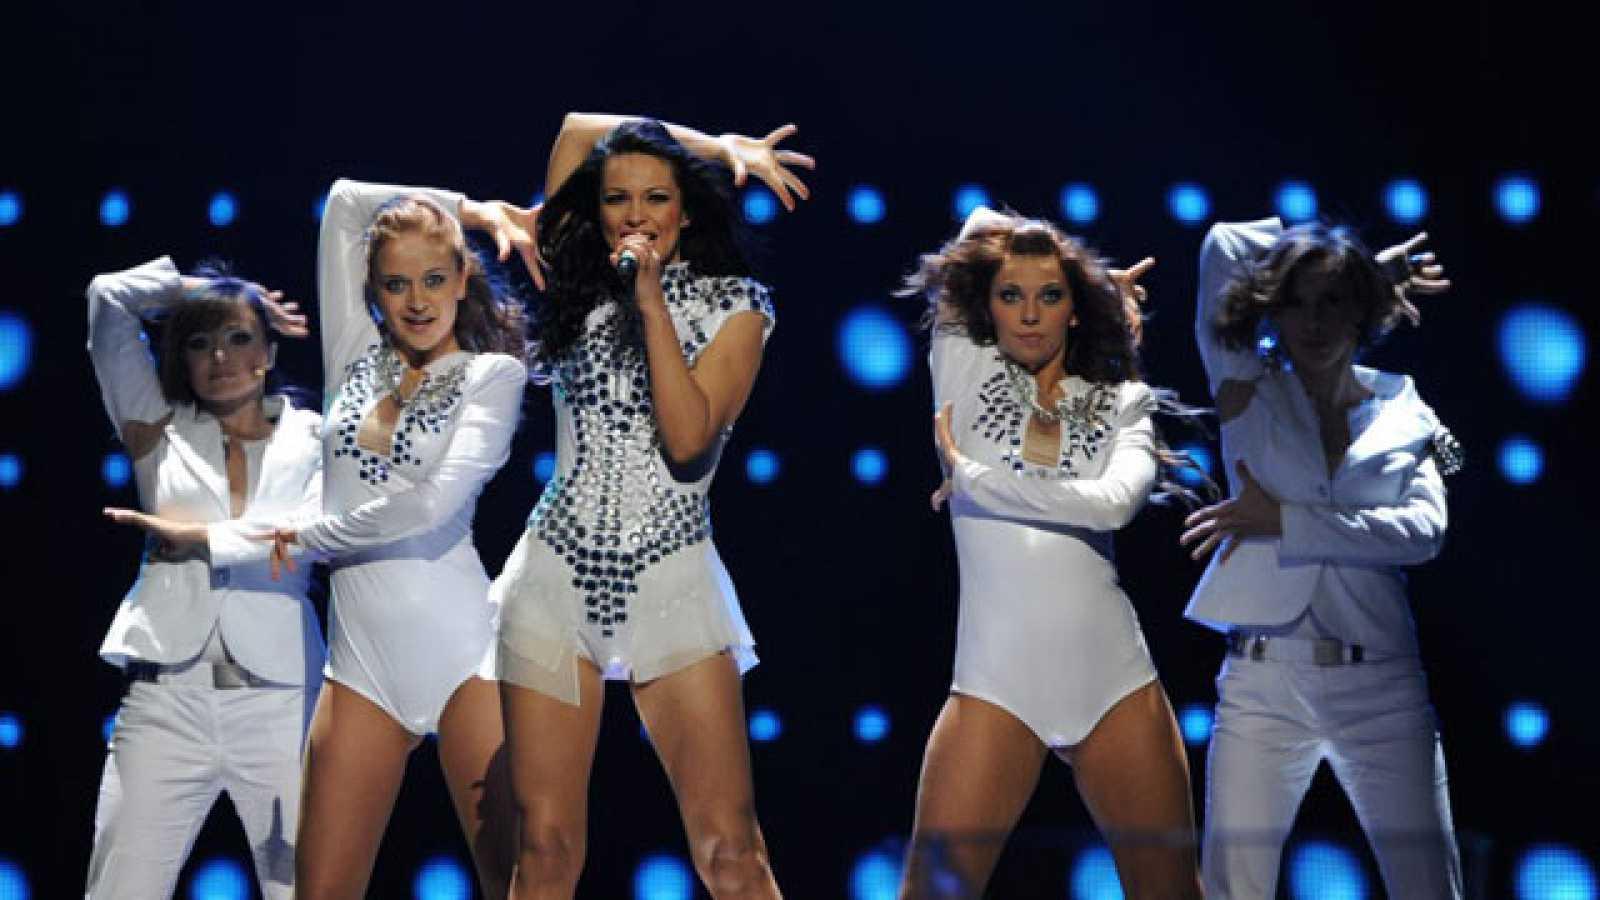 Eurovisión 2011 - 1ª semifinal - Polonia